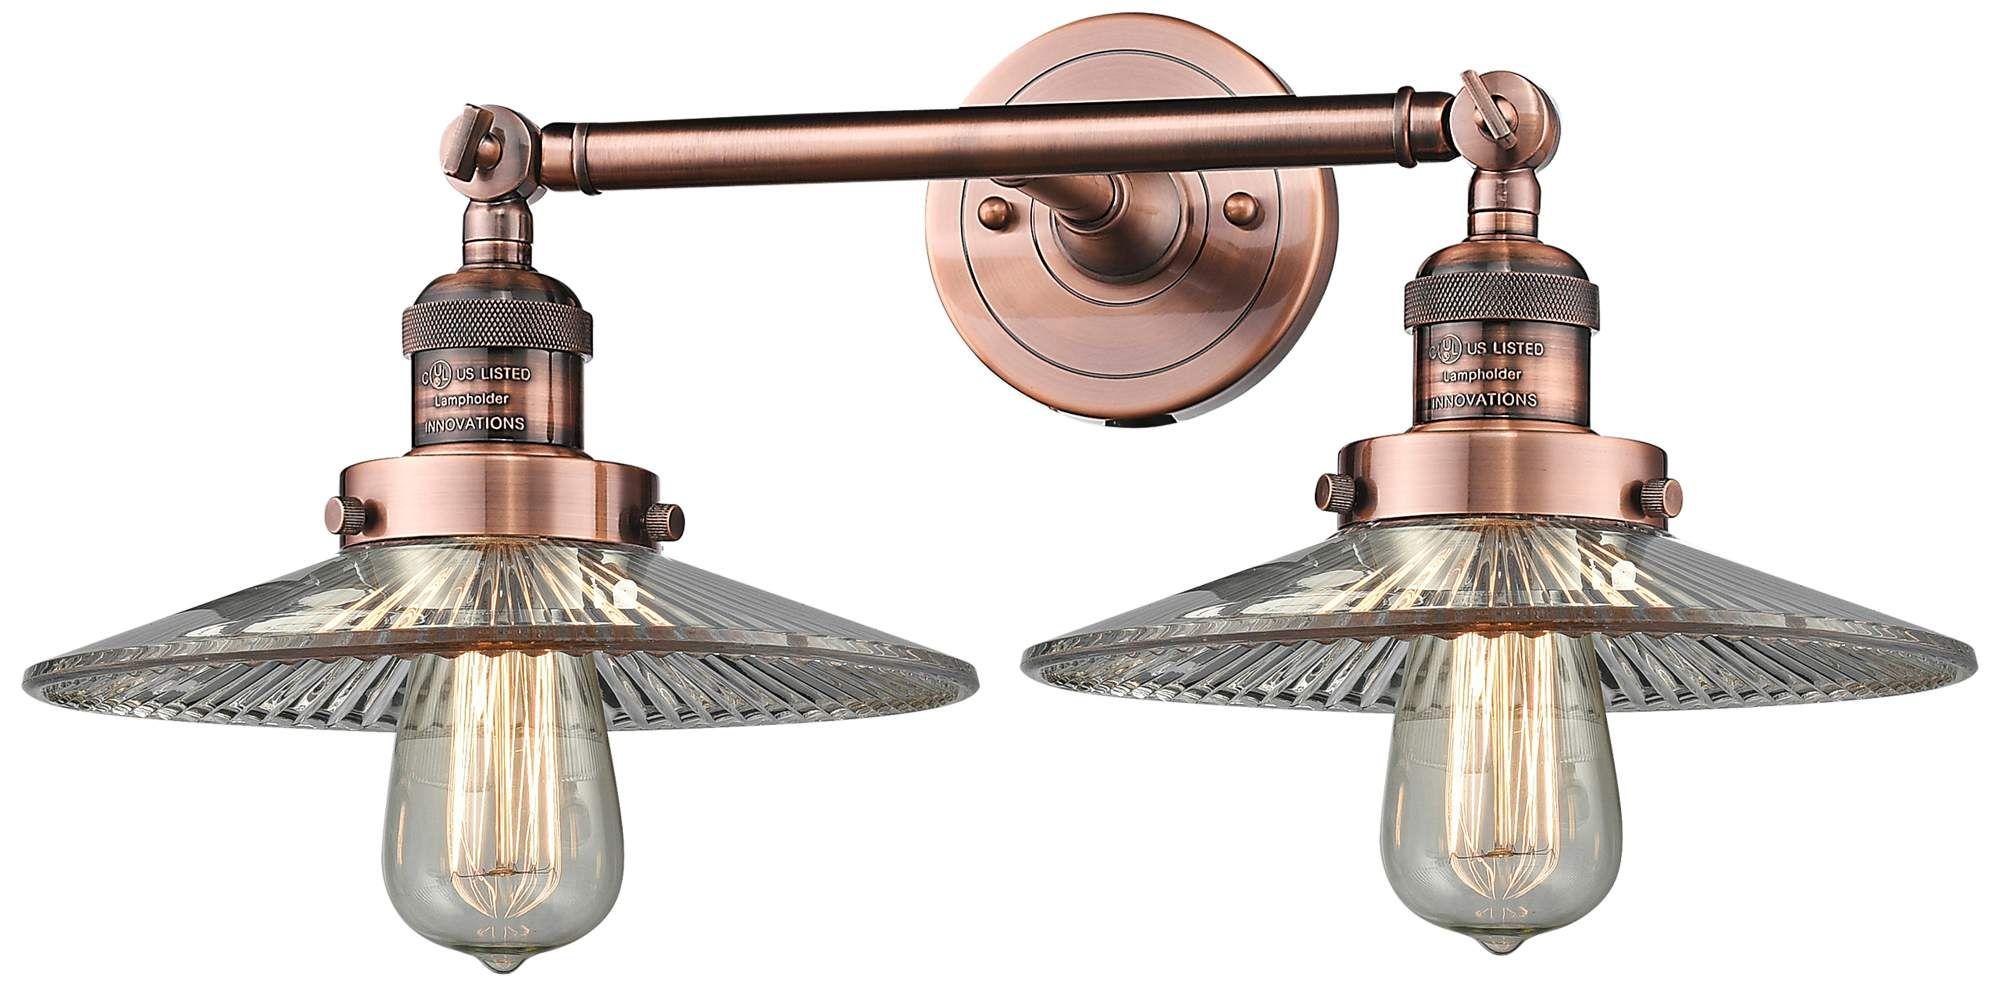 Sconces Halophane 7 H Antique Copper 2 Light Adjustable Wall Sconce Adjustable Wall Sconce Copper Light Fixture Copper Lighting